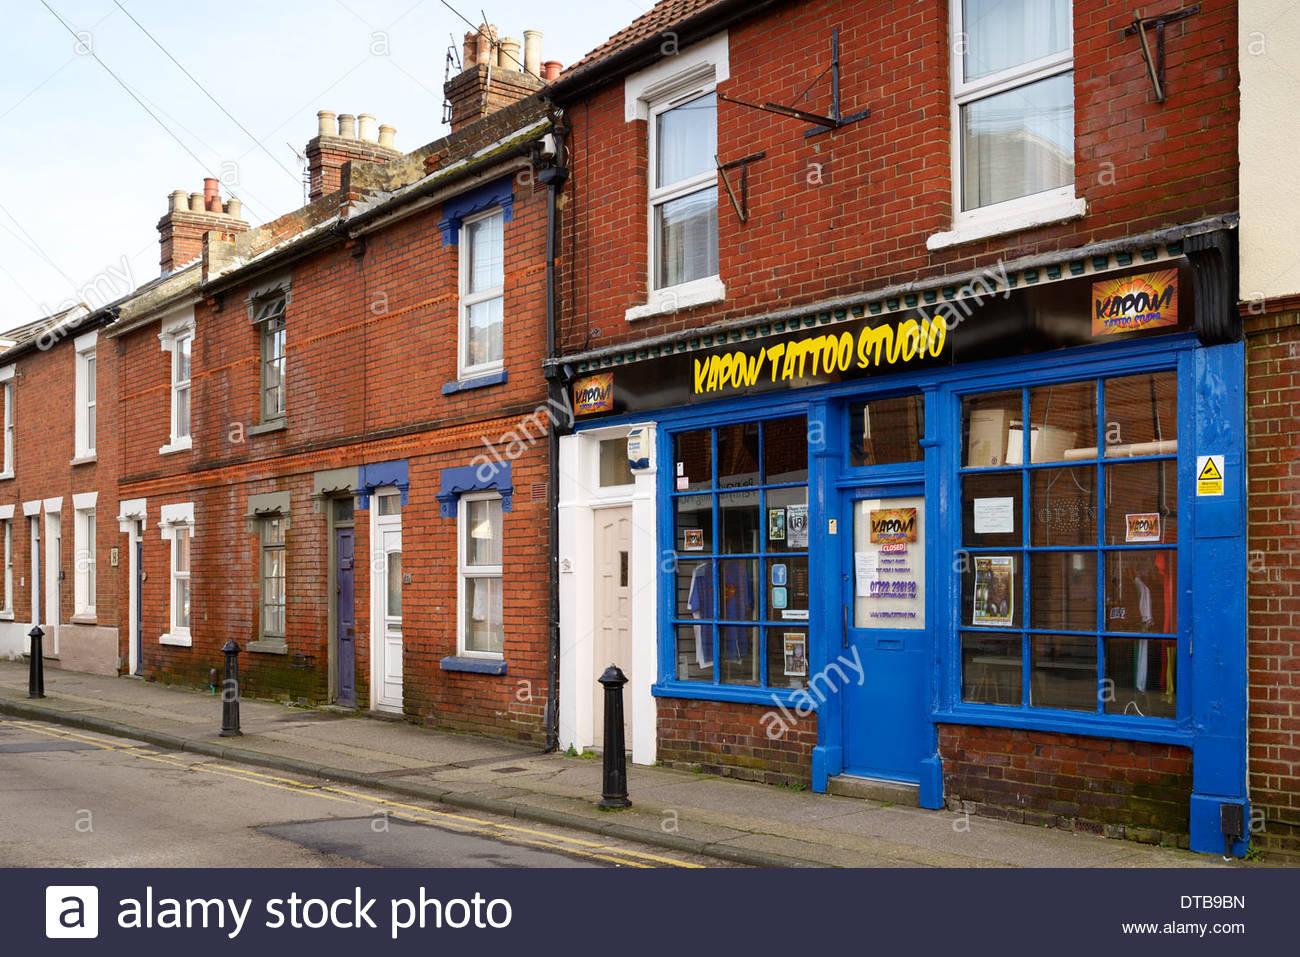 Kapow Tattoo Studio, Pennyfarthing Street, Salisbury, Wiltshire, England UK - Stock Image